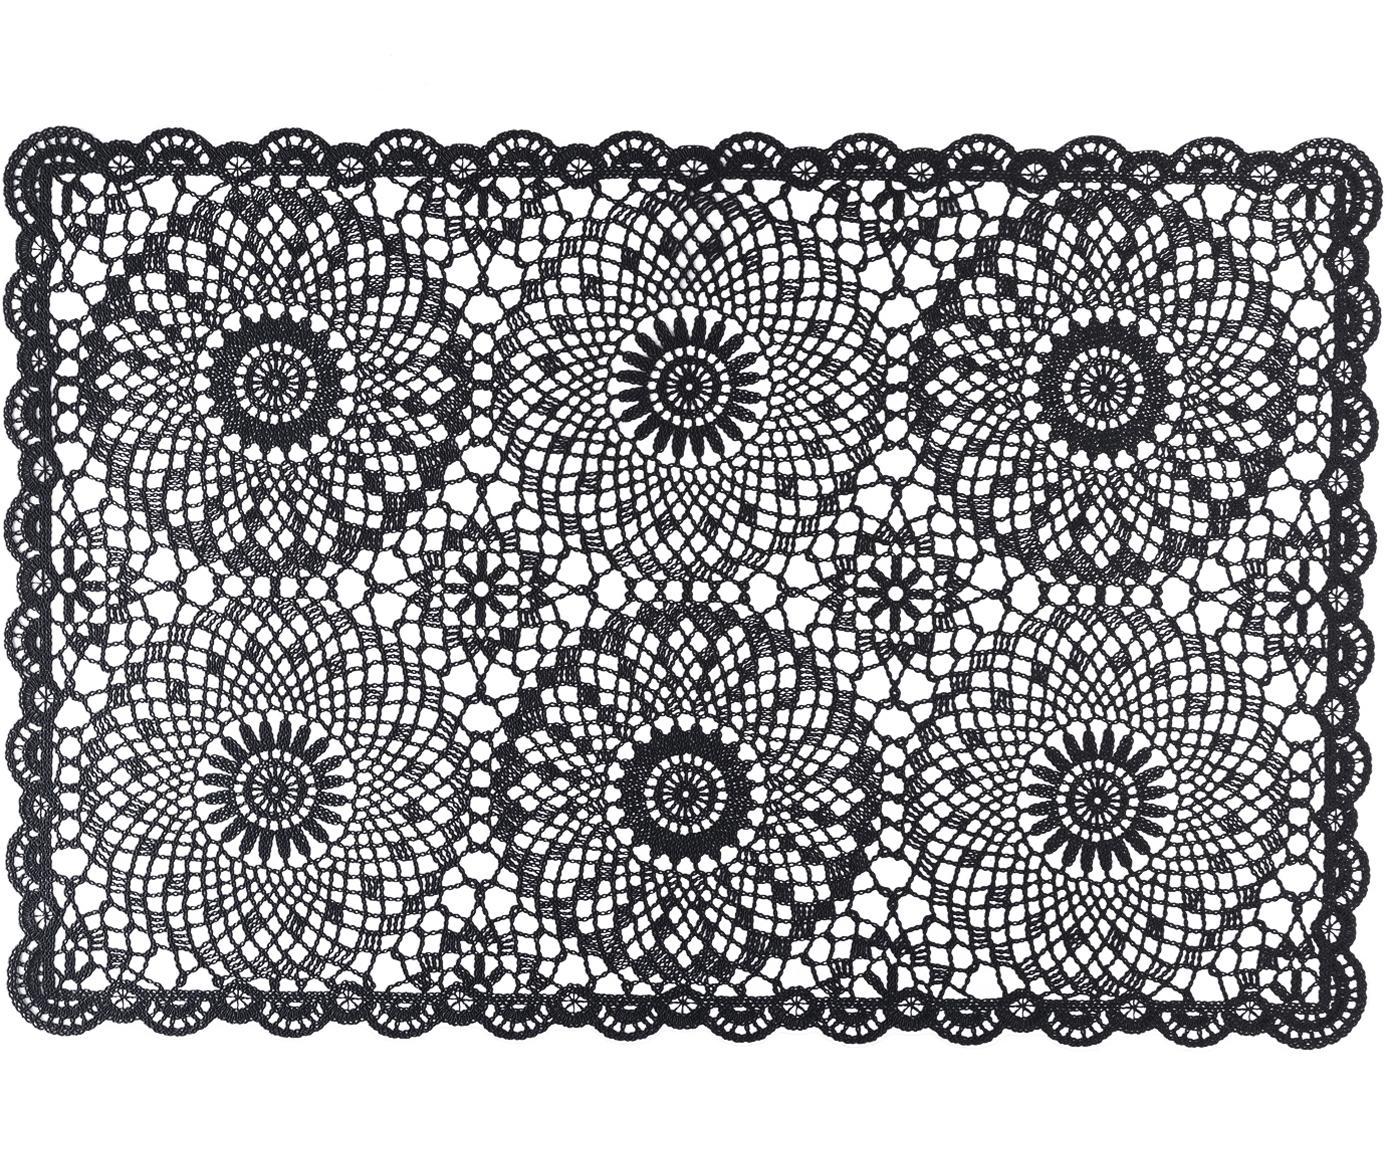 Podkładka z tworzywa sztucznego Crochet, 4 szt., Tworzywo sztuczne (PVC), Czarny, S 30 x D 45 cm